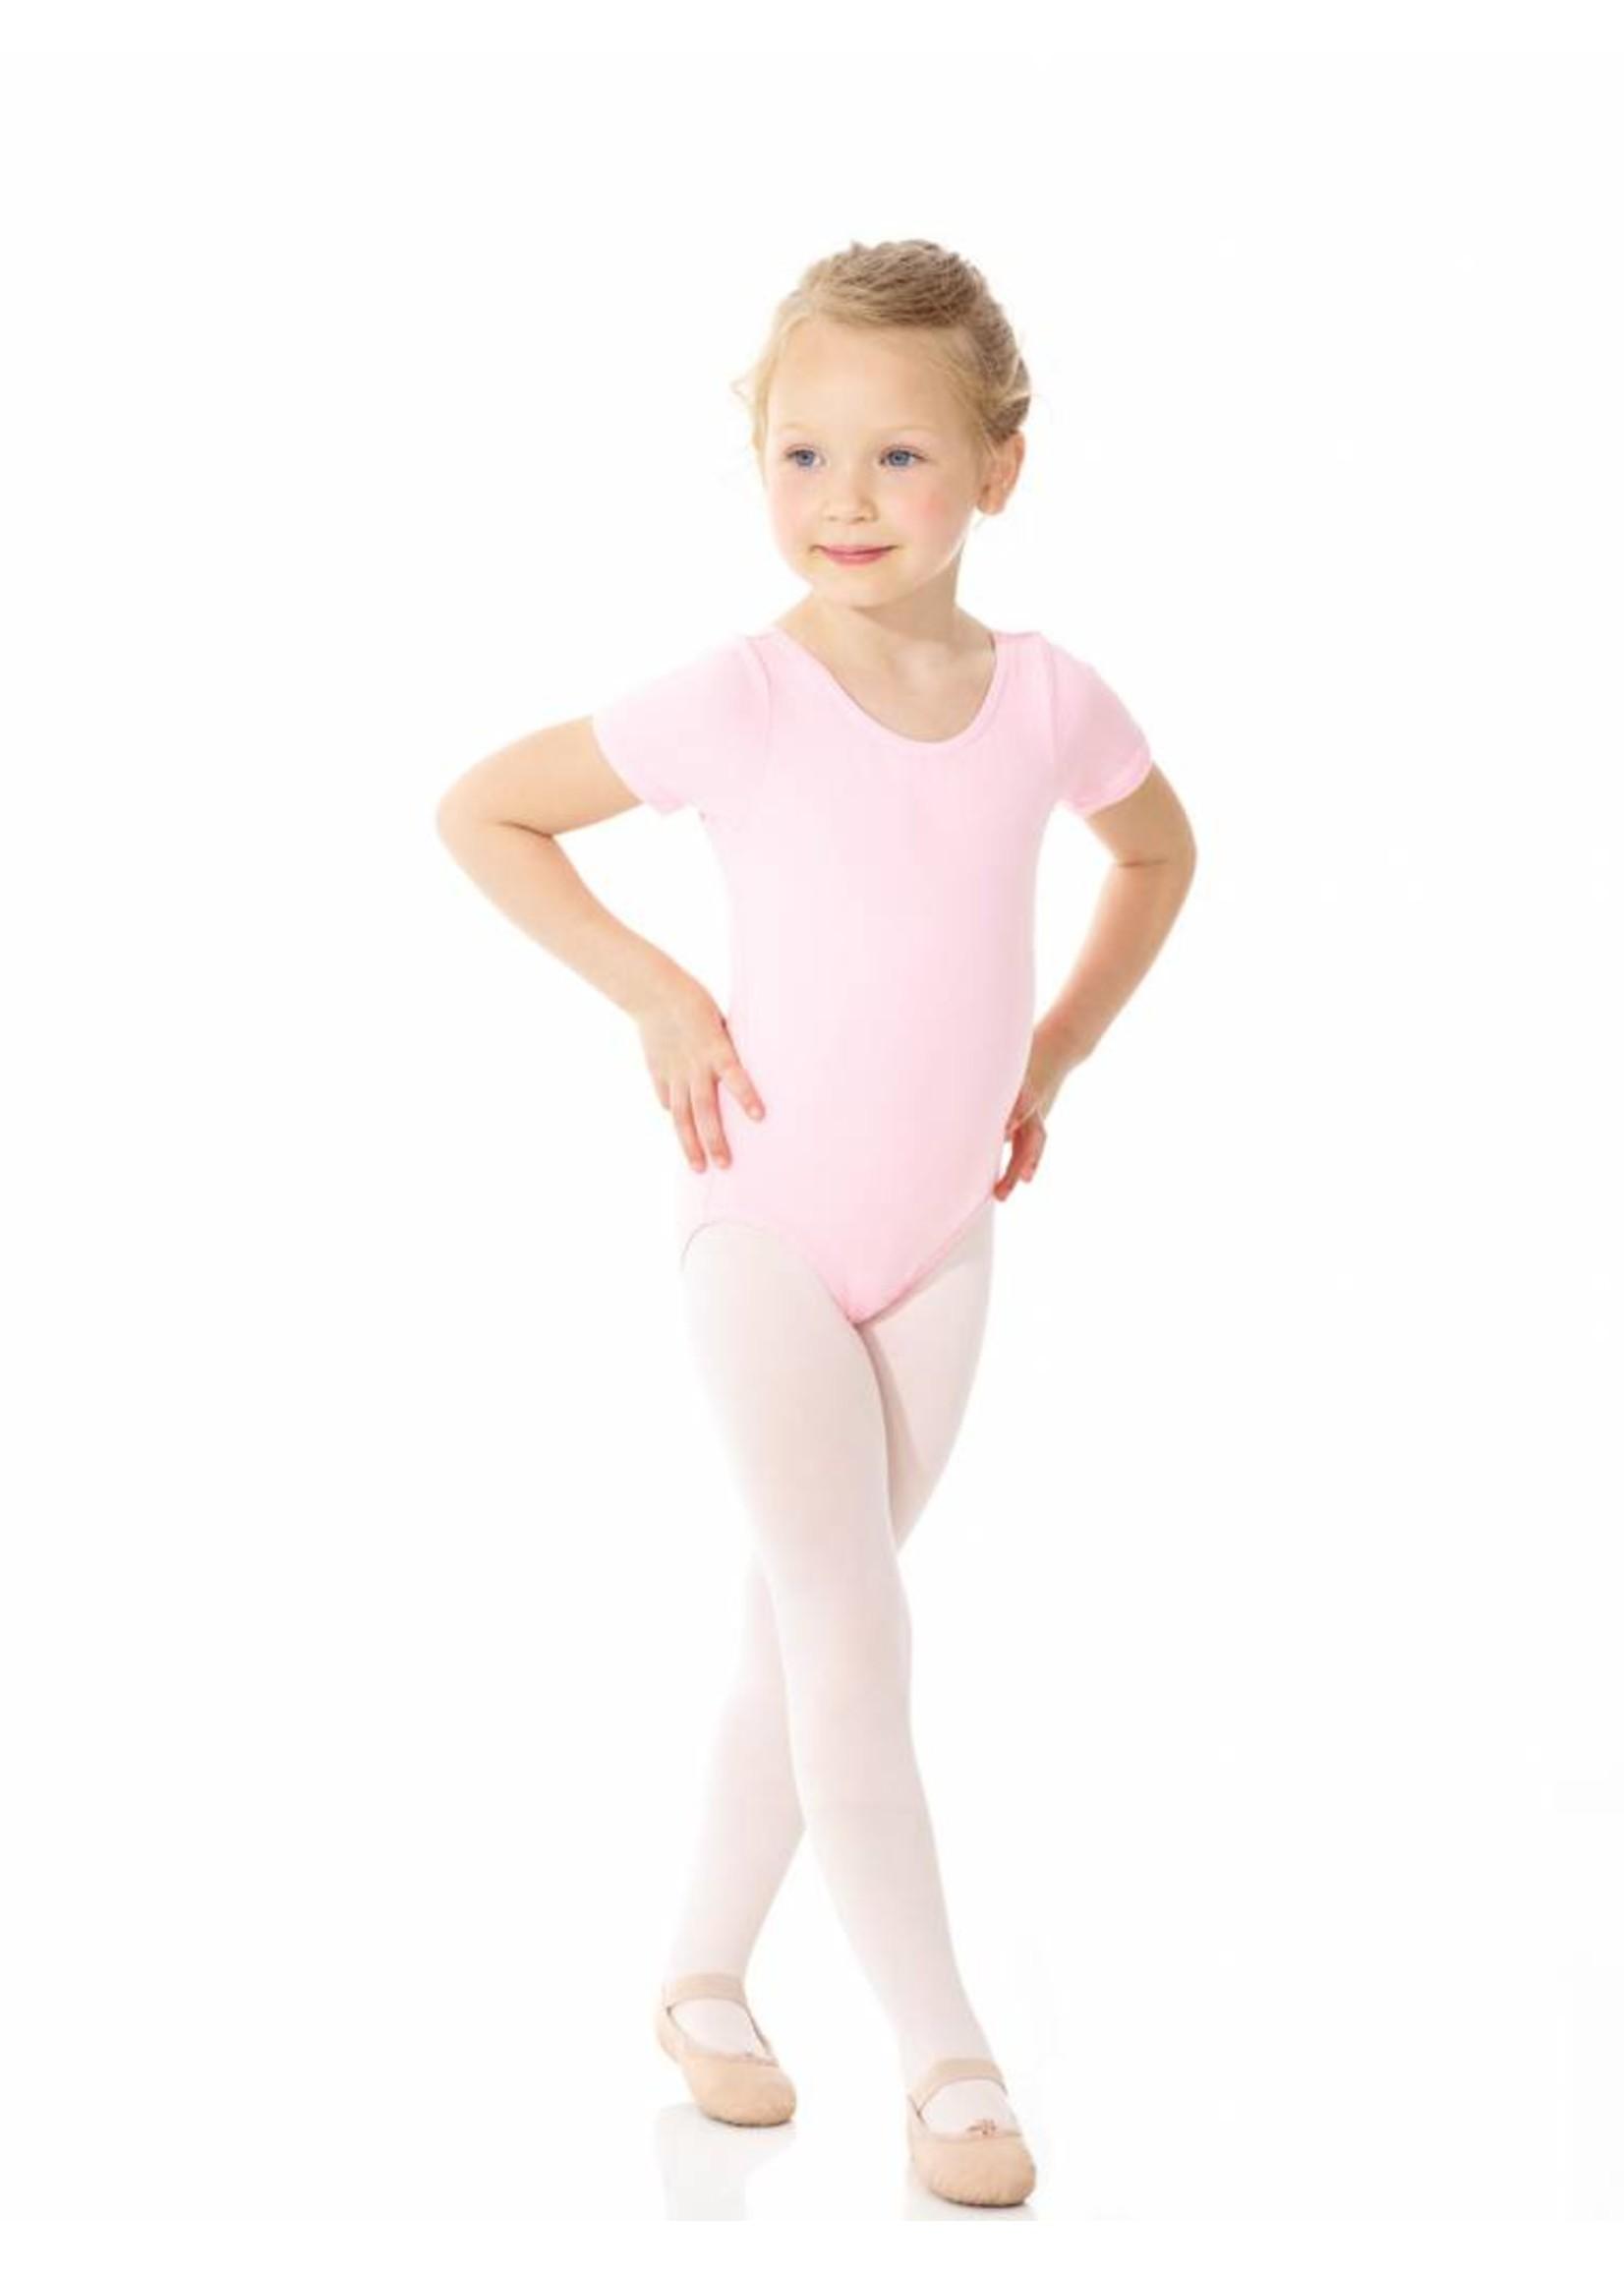 Mondor Maillot en coton avec manches courtes - Enfants - Mondor 40035